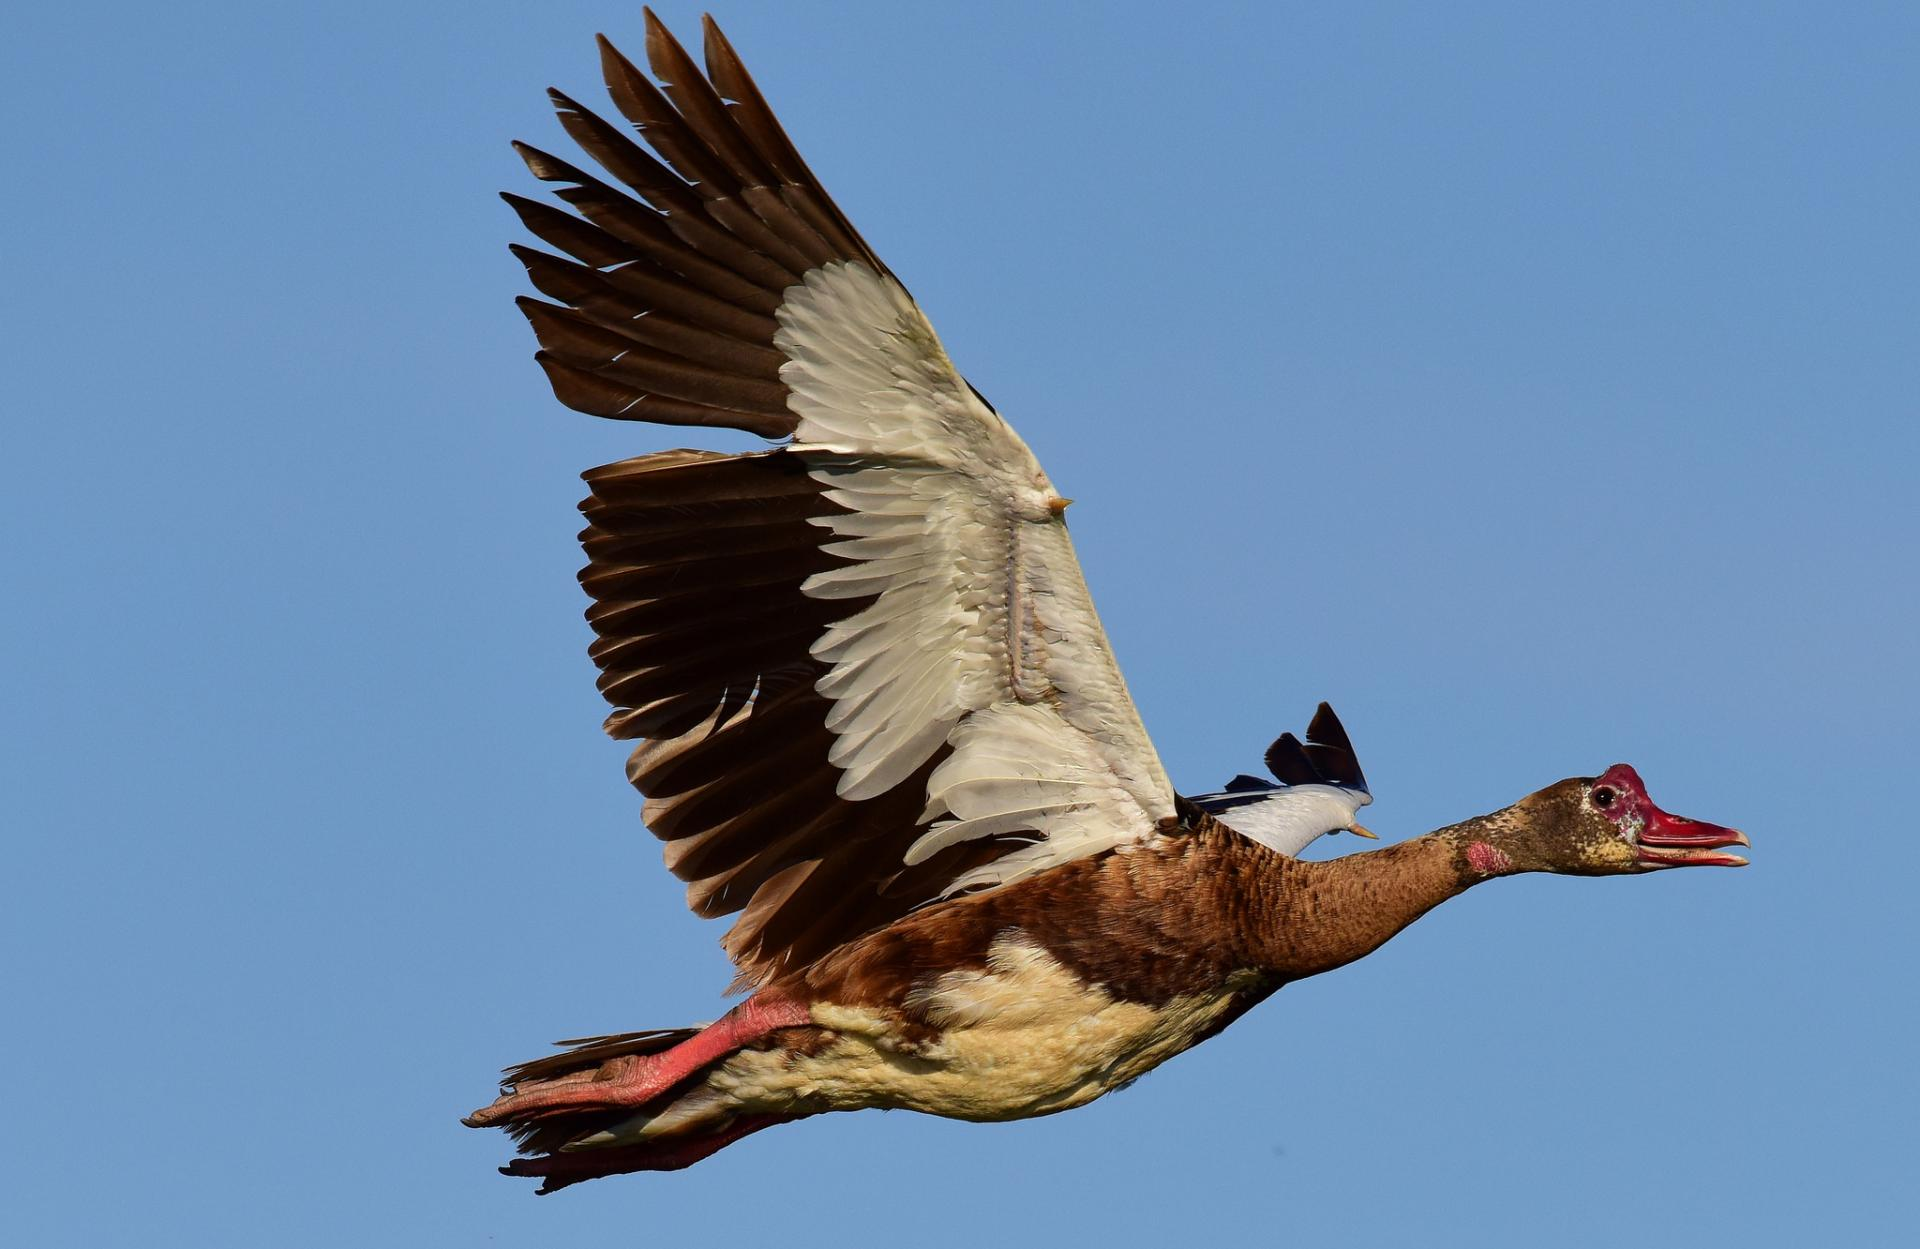 Шпоры на крыльях гуся